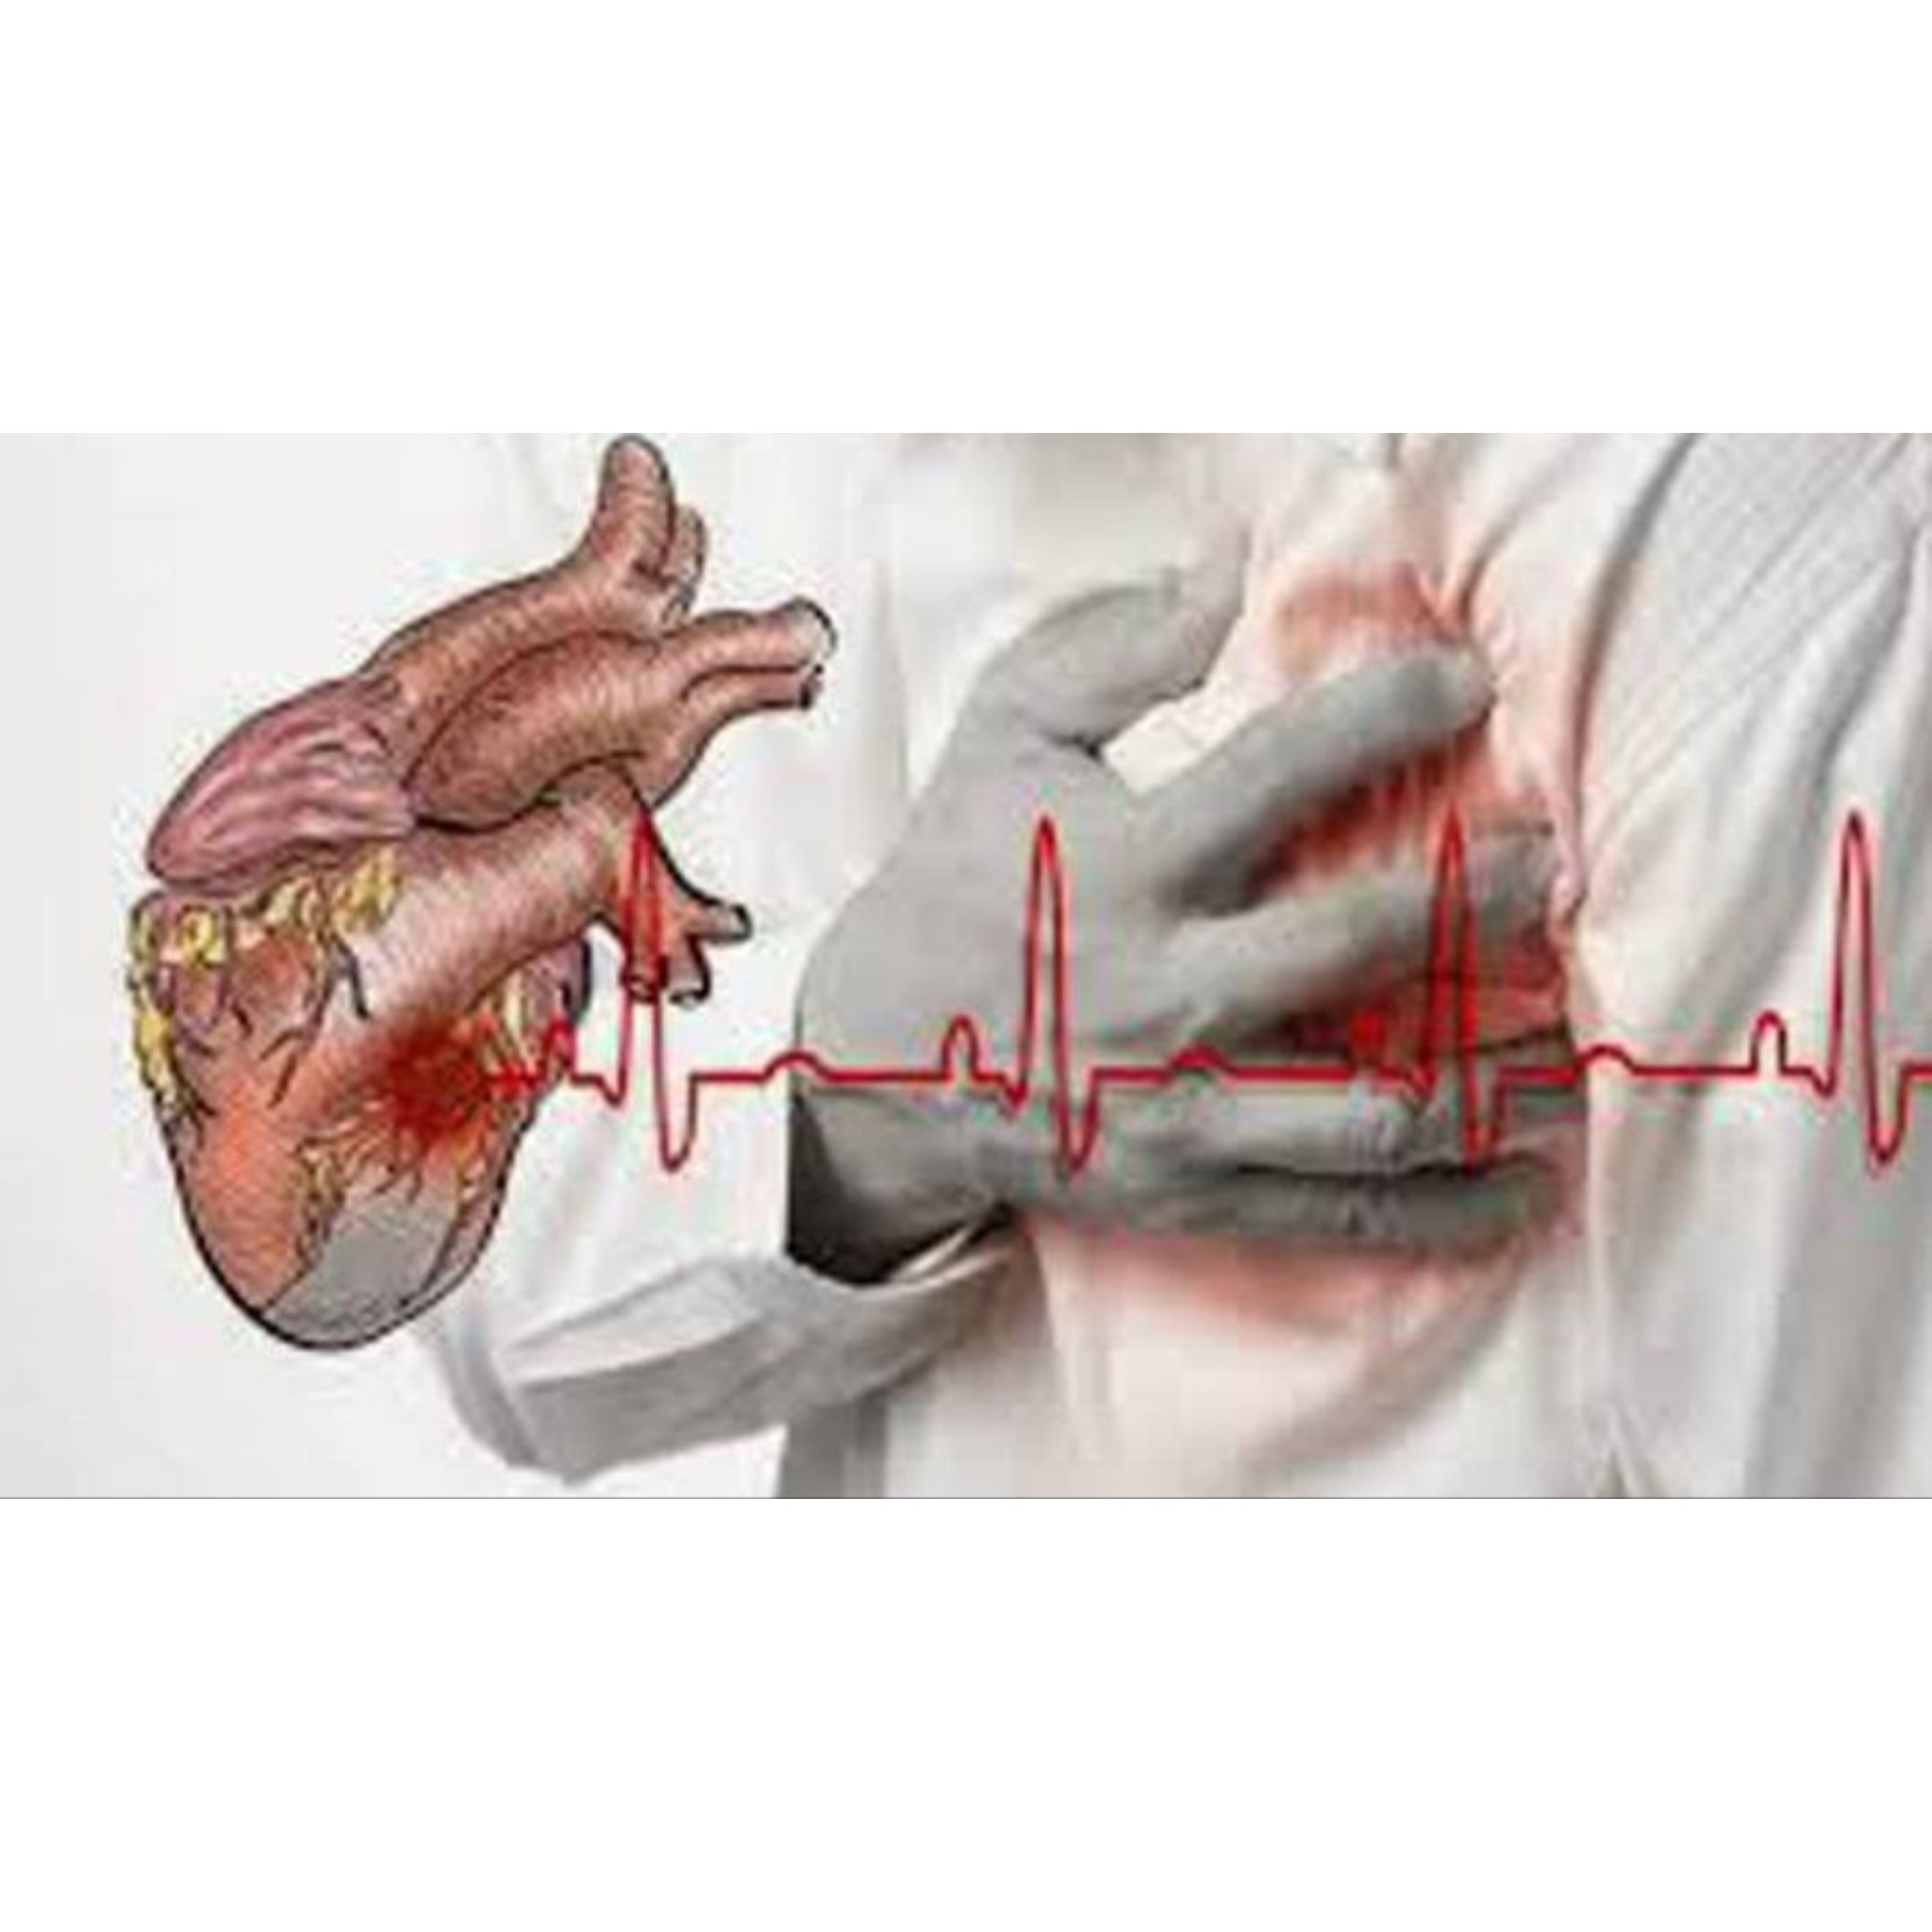 Penyakit Jantung sebagai salah satu penyakit tidak menular